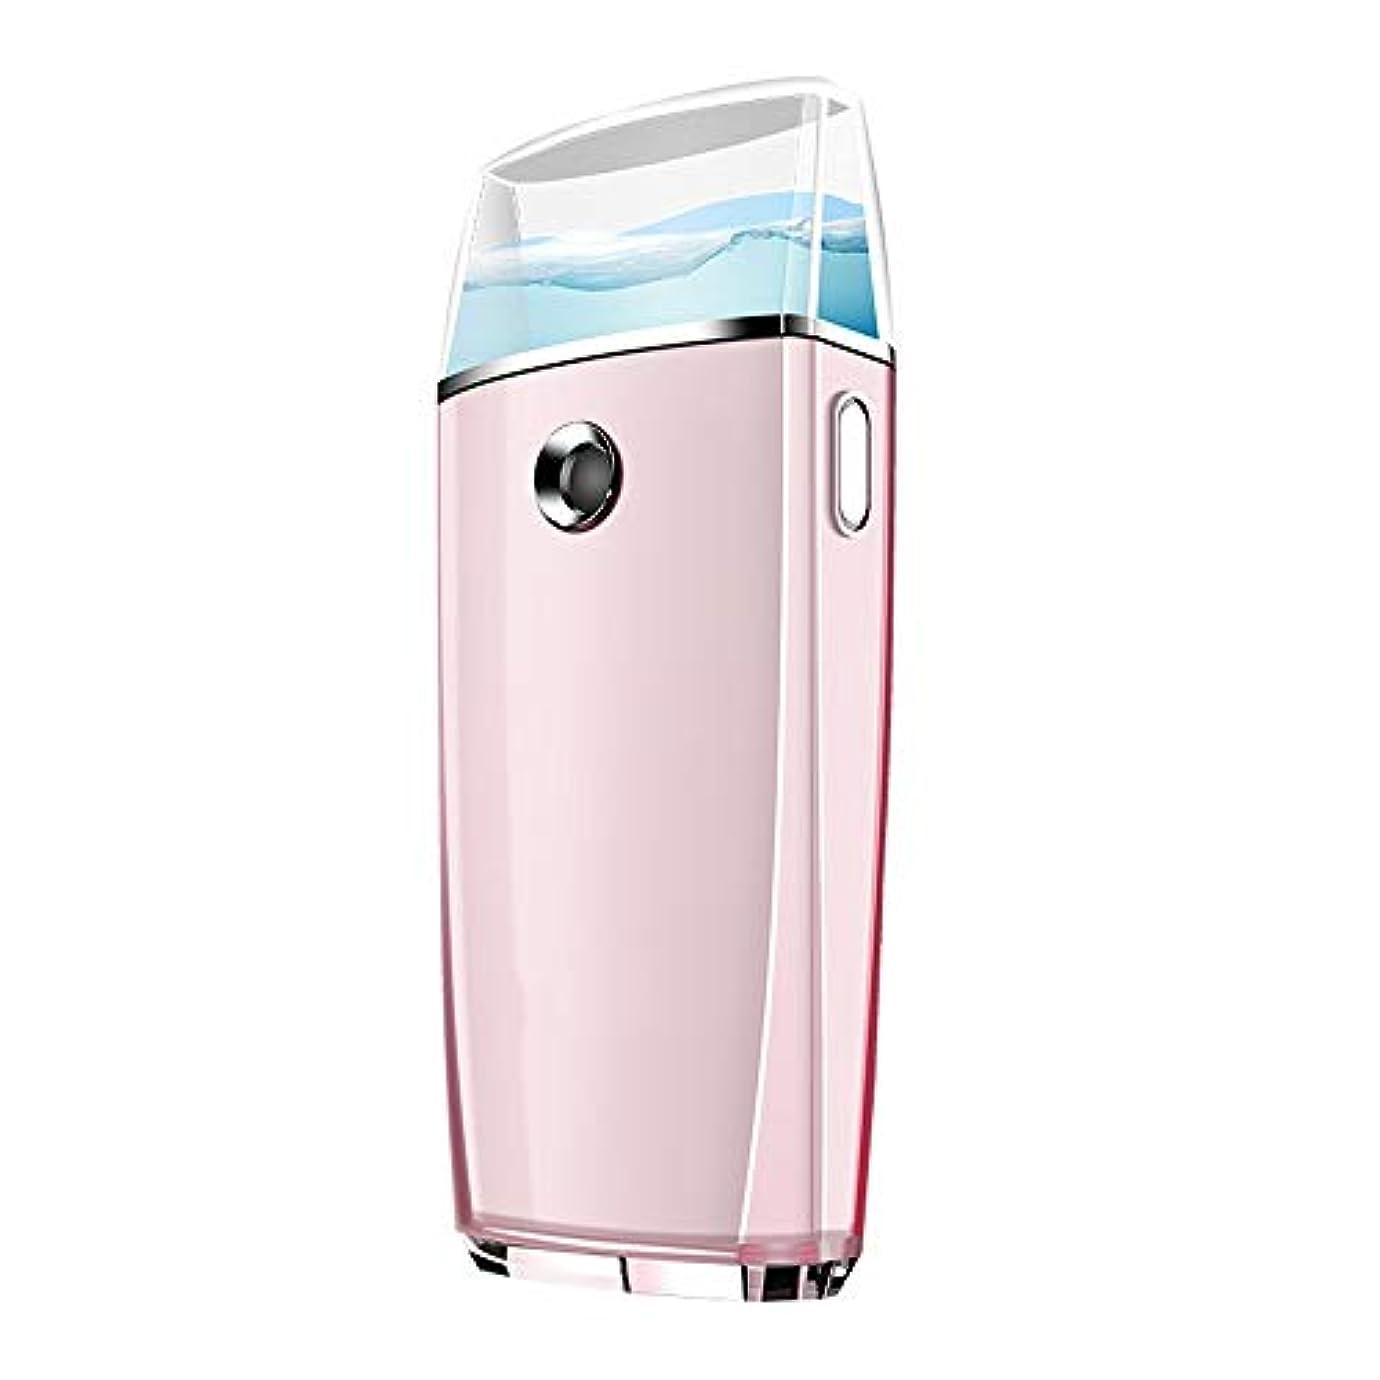 残高サバントヒットZXF ナノスプレー水道メーターポータブル顔美容機器充電表面コールドスプレー機スプレー2ピンクモデルグリーンモデル 滑らかである (色 : Pink)